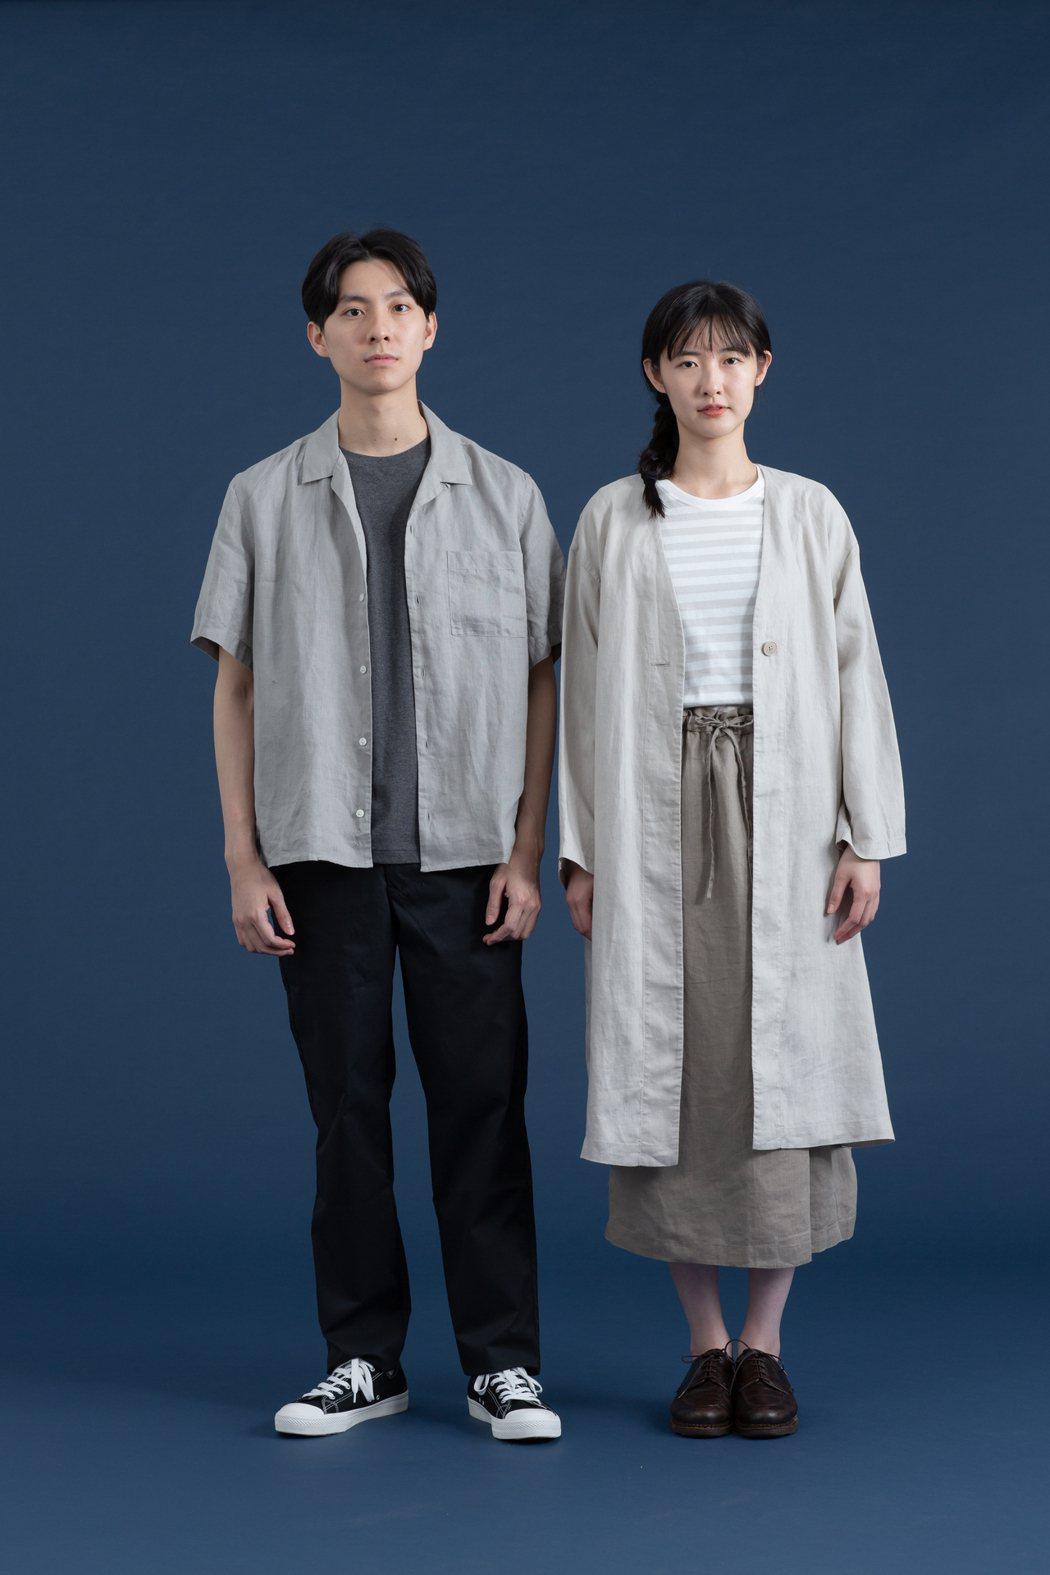 4/2至5/10購買亞麻男女裝全系列9折優惠。圖/無印良品提供